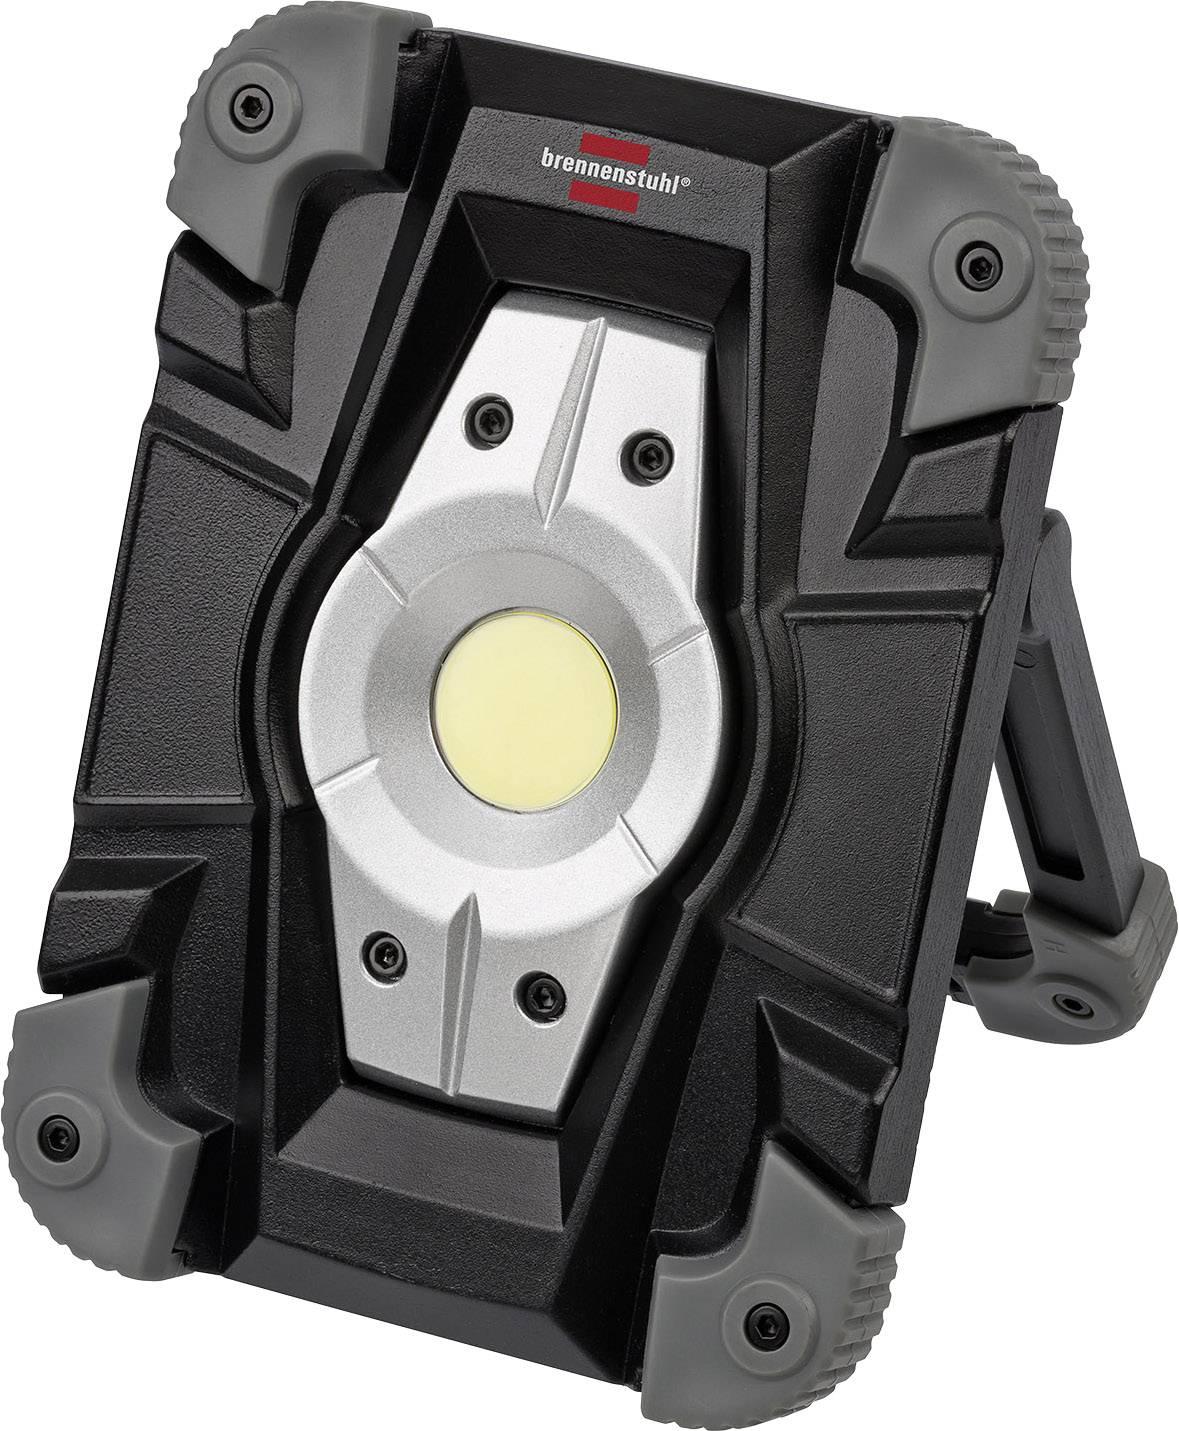 Akumulátorové LED pracovné osvetlenie a powerbank 2 v 1 Brennenstuhl 1173080, 10 W, USB